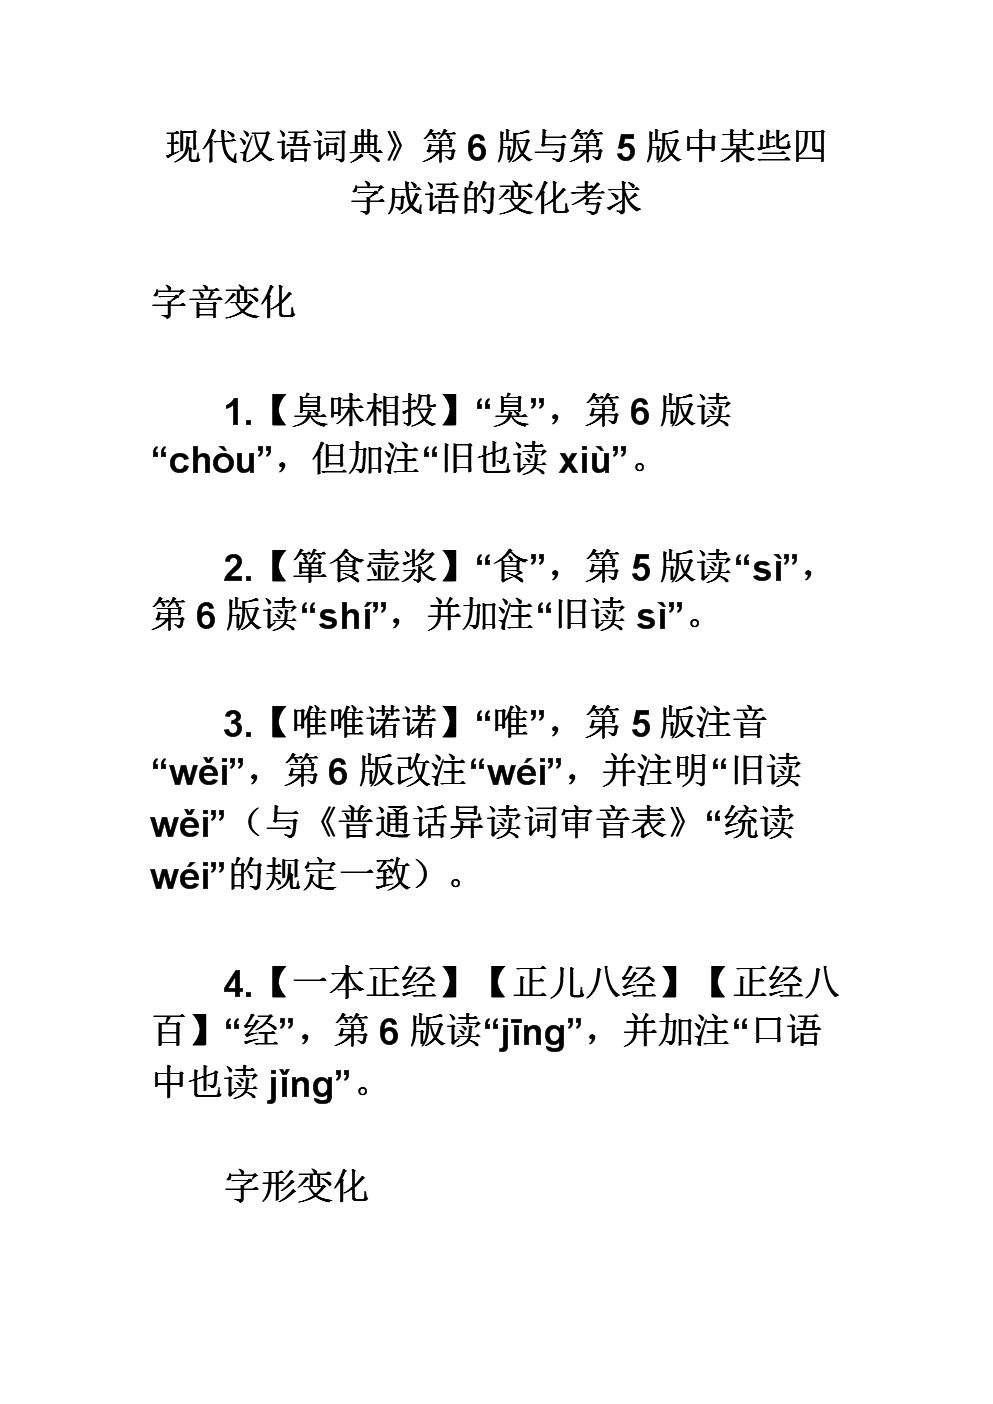 6版现代汉语词典成语改动.doc